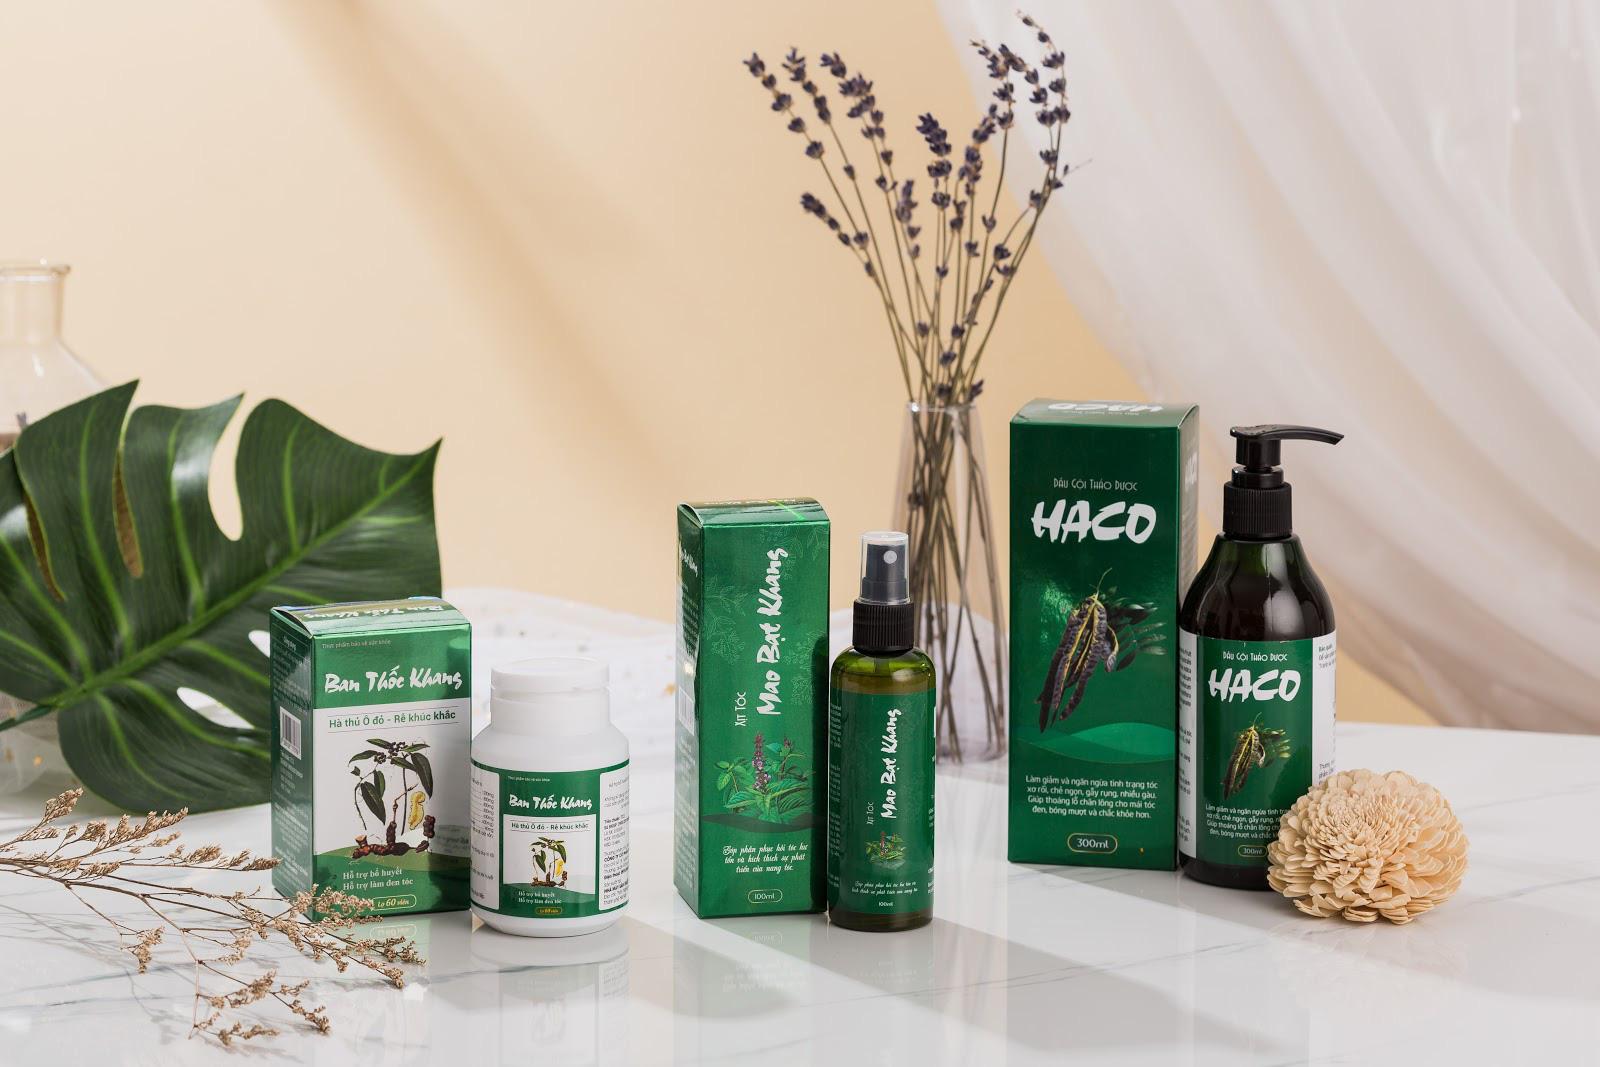 Mách nước bộ 'bí kíp' Tóc Haco hỗ trợ ngăn ngừa rụng tóc, bạc tóc - Ảnh 5.